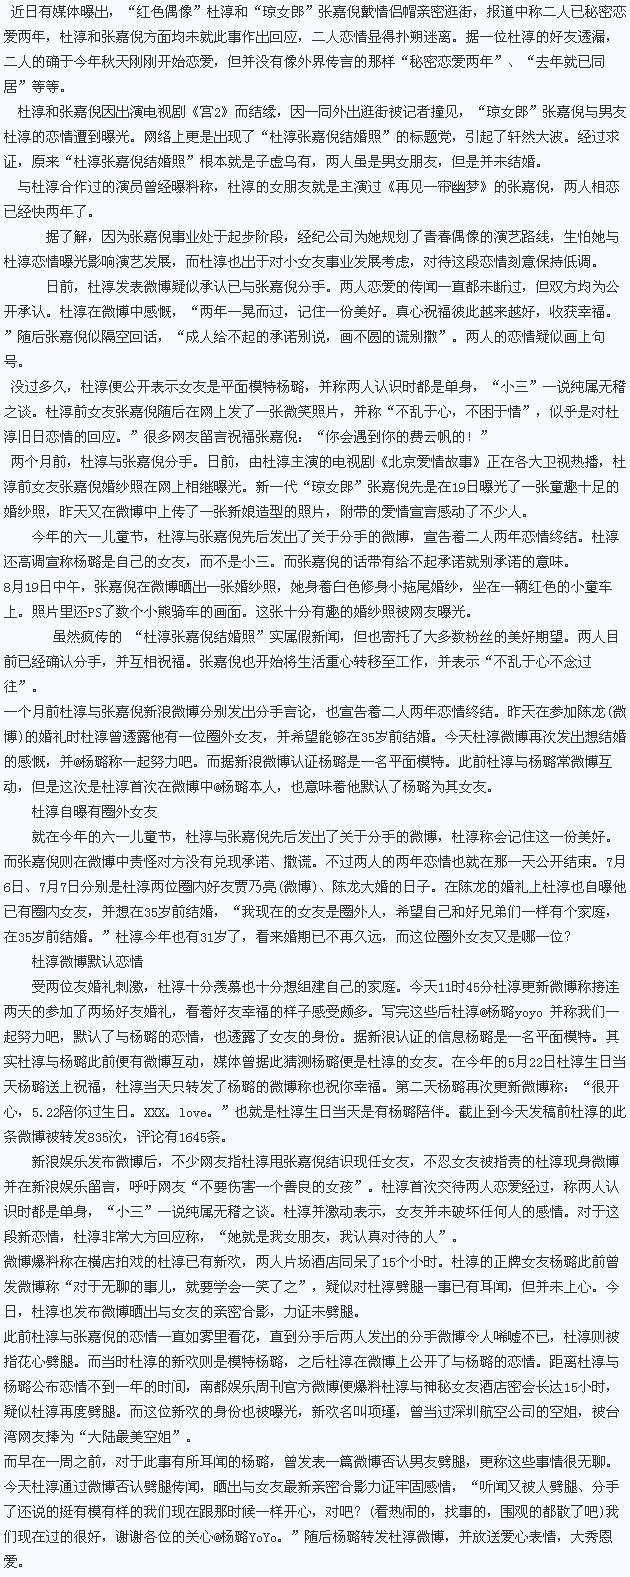 杜淳张嘉倪结婚照 杜淳女友个人资料照片 杜淳